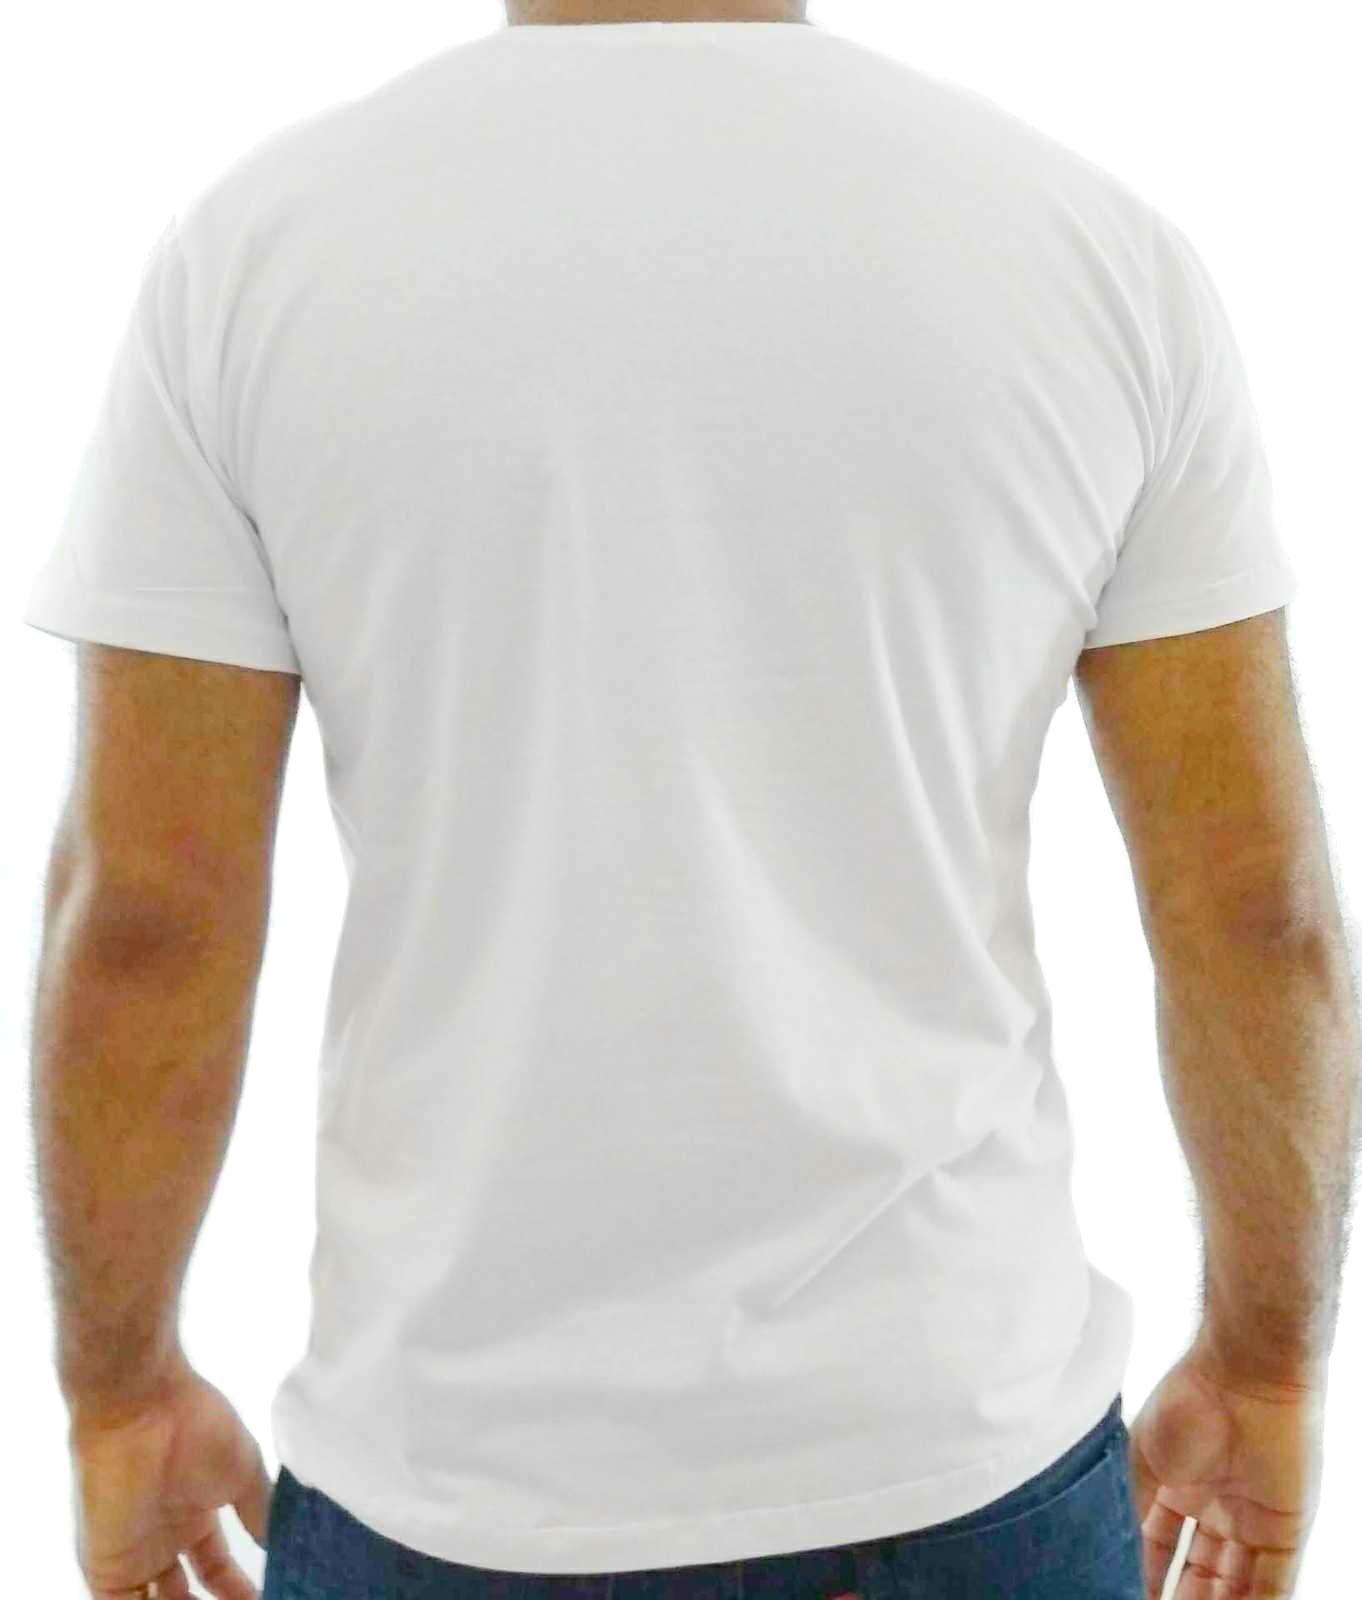 d1fea0297a Camiseta Básica Masculina Branca Algodão Egípcio. Image description · Image  description